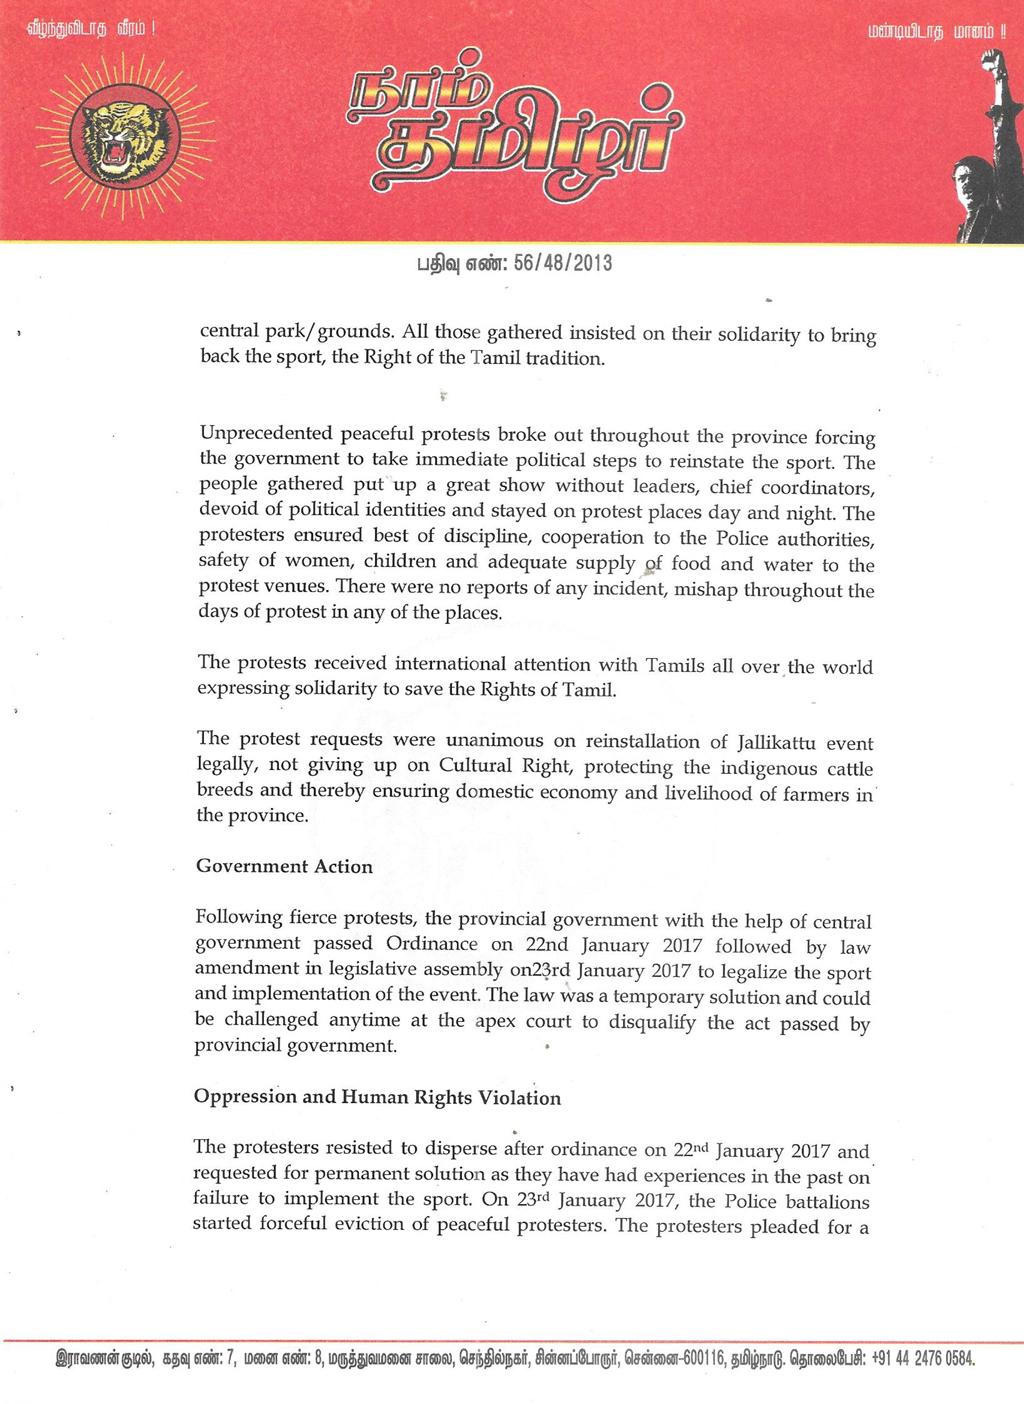 சல்லிக்கட்டு அரச வன்முறை: ஜெனீவா ஐநா மனித உரிமை ஆணையத்திடம் புகார் NTK UNO Jallikattu HRV 3